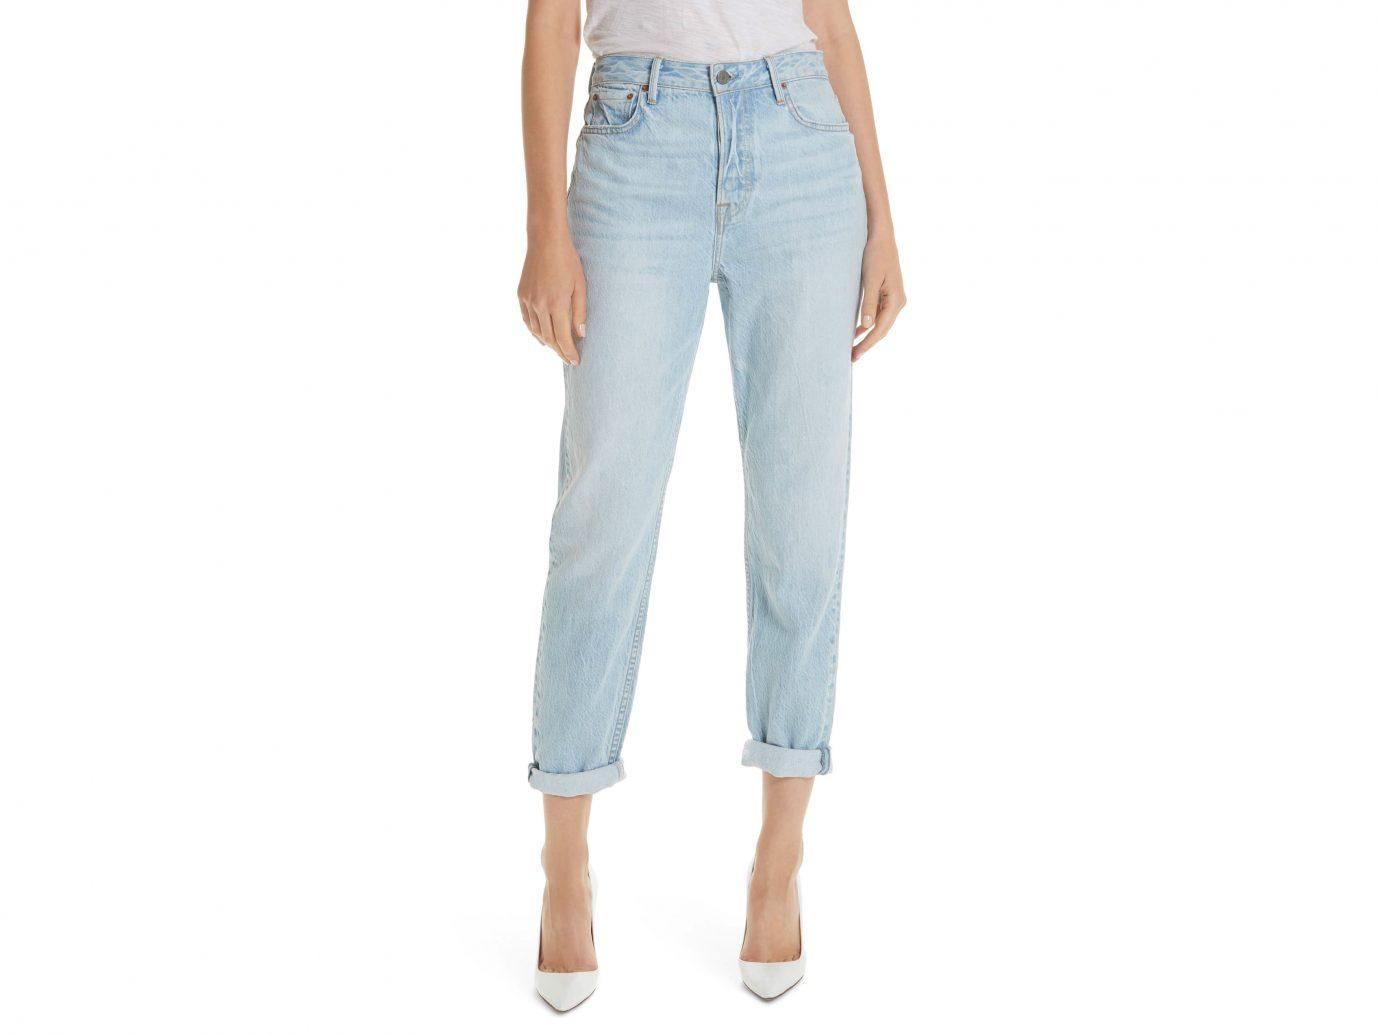 light-wash denim for summer—we love GRLFRND's cuffed boyfriend jeans